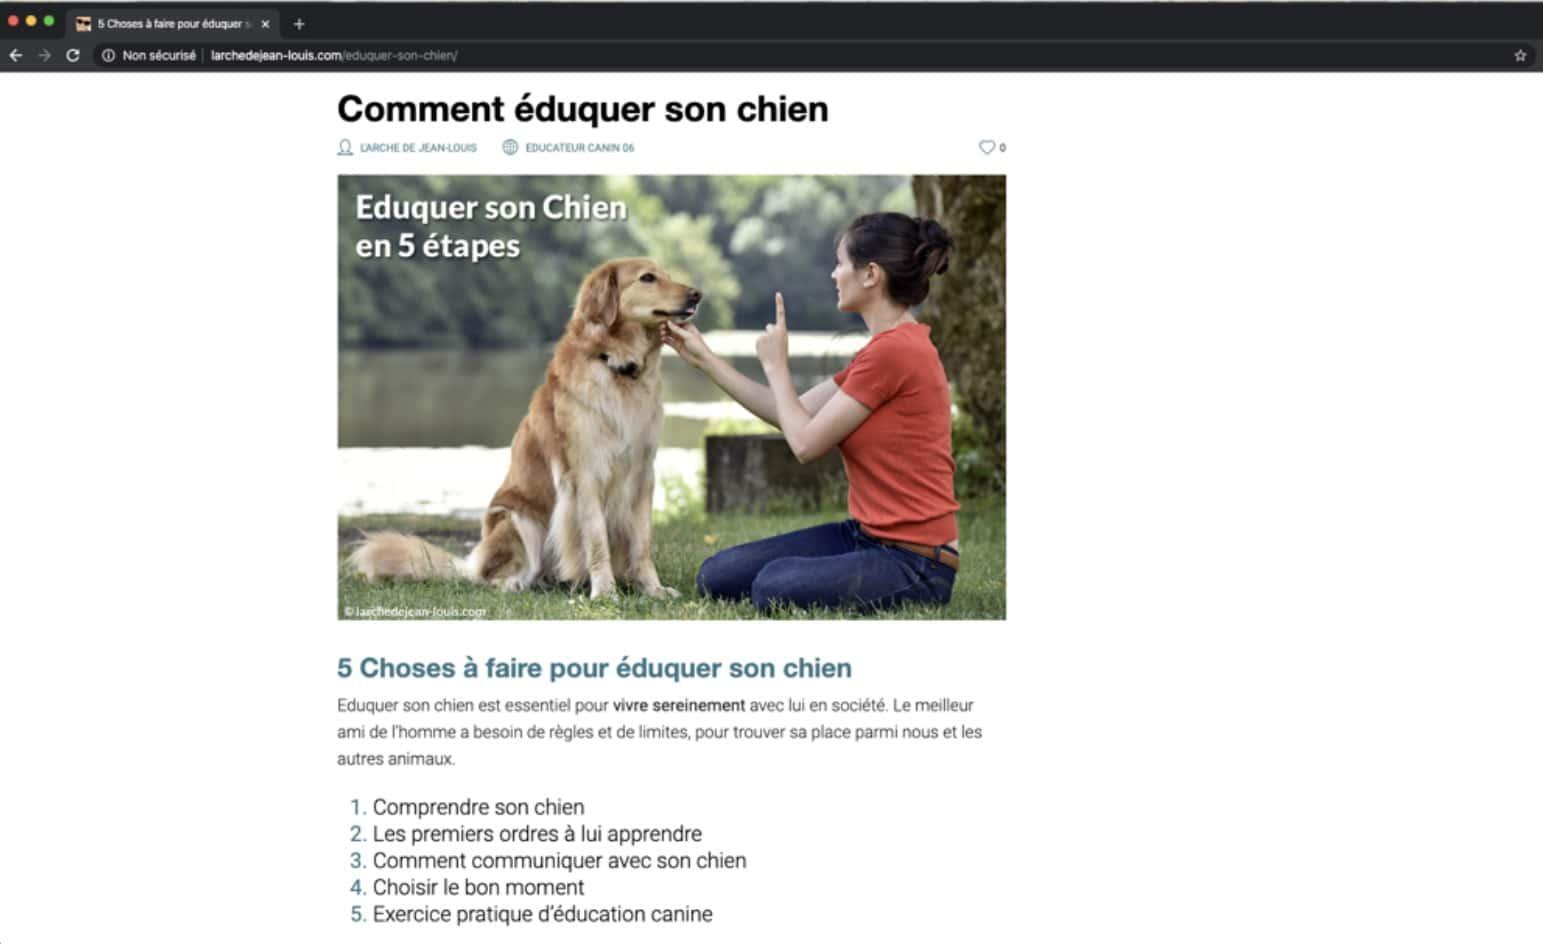 Rédaction d'un article sur l'éducation canine pour l'apprentissage de la propreté